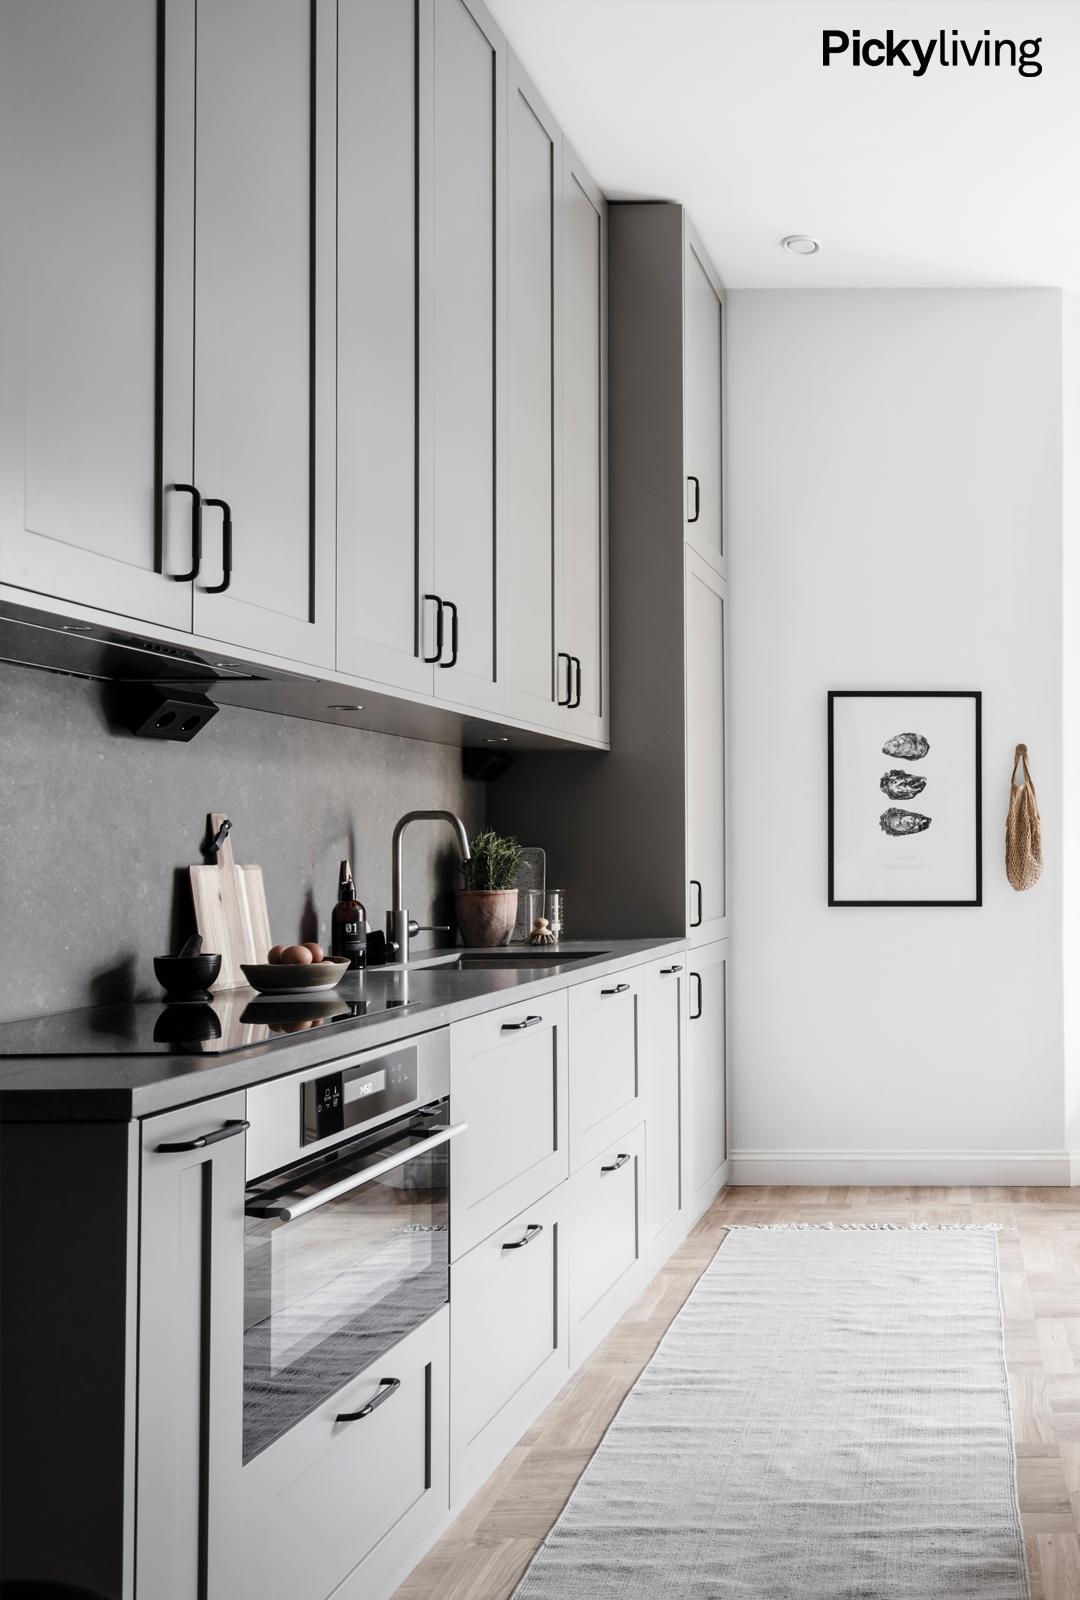 Luckor Till Ikea Kök Metod ~ Köksinspiration Platsbyggd kök med luckor upp till tak IKEAs Metod med luckor från Picky